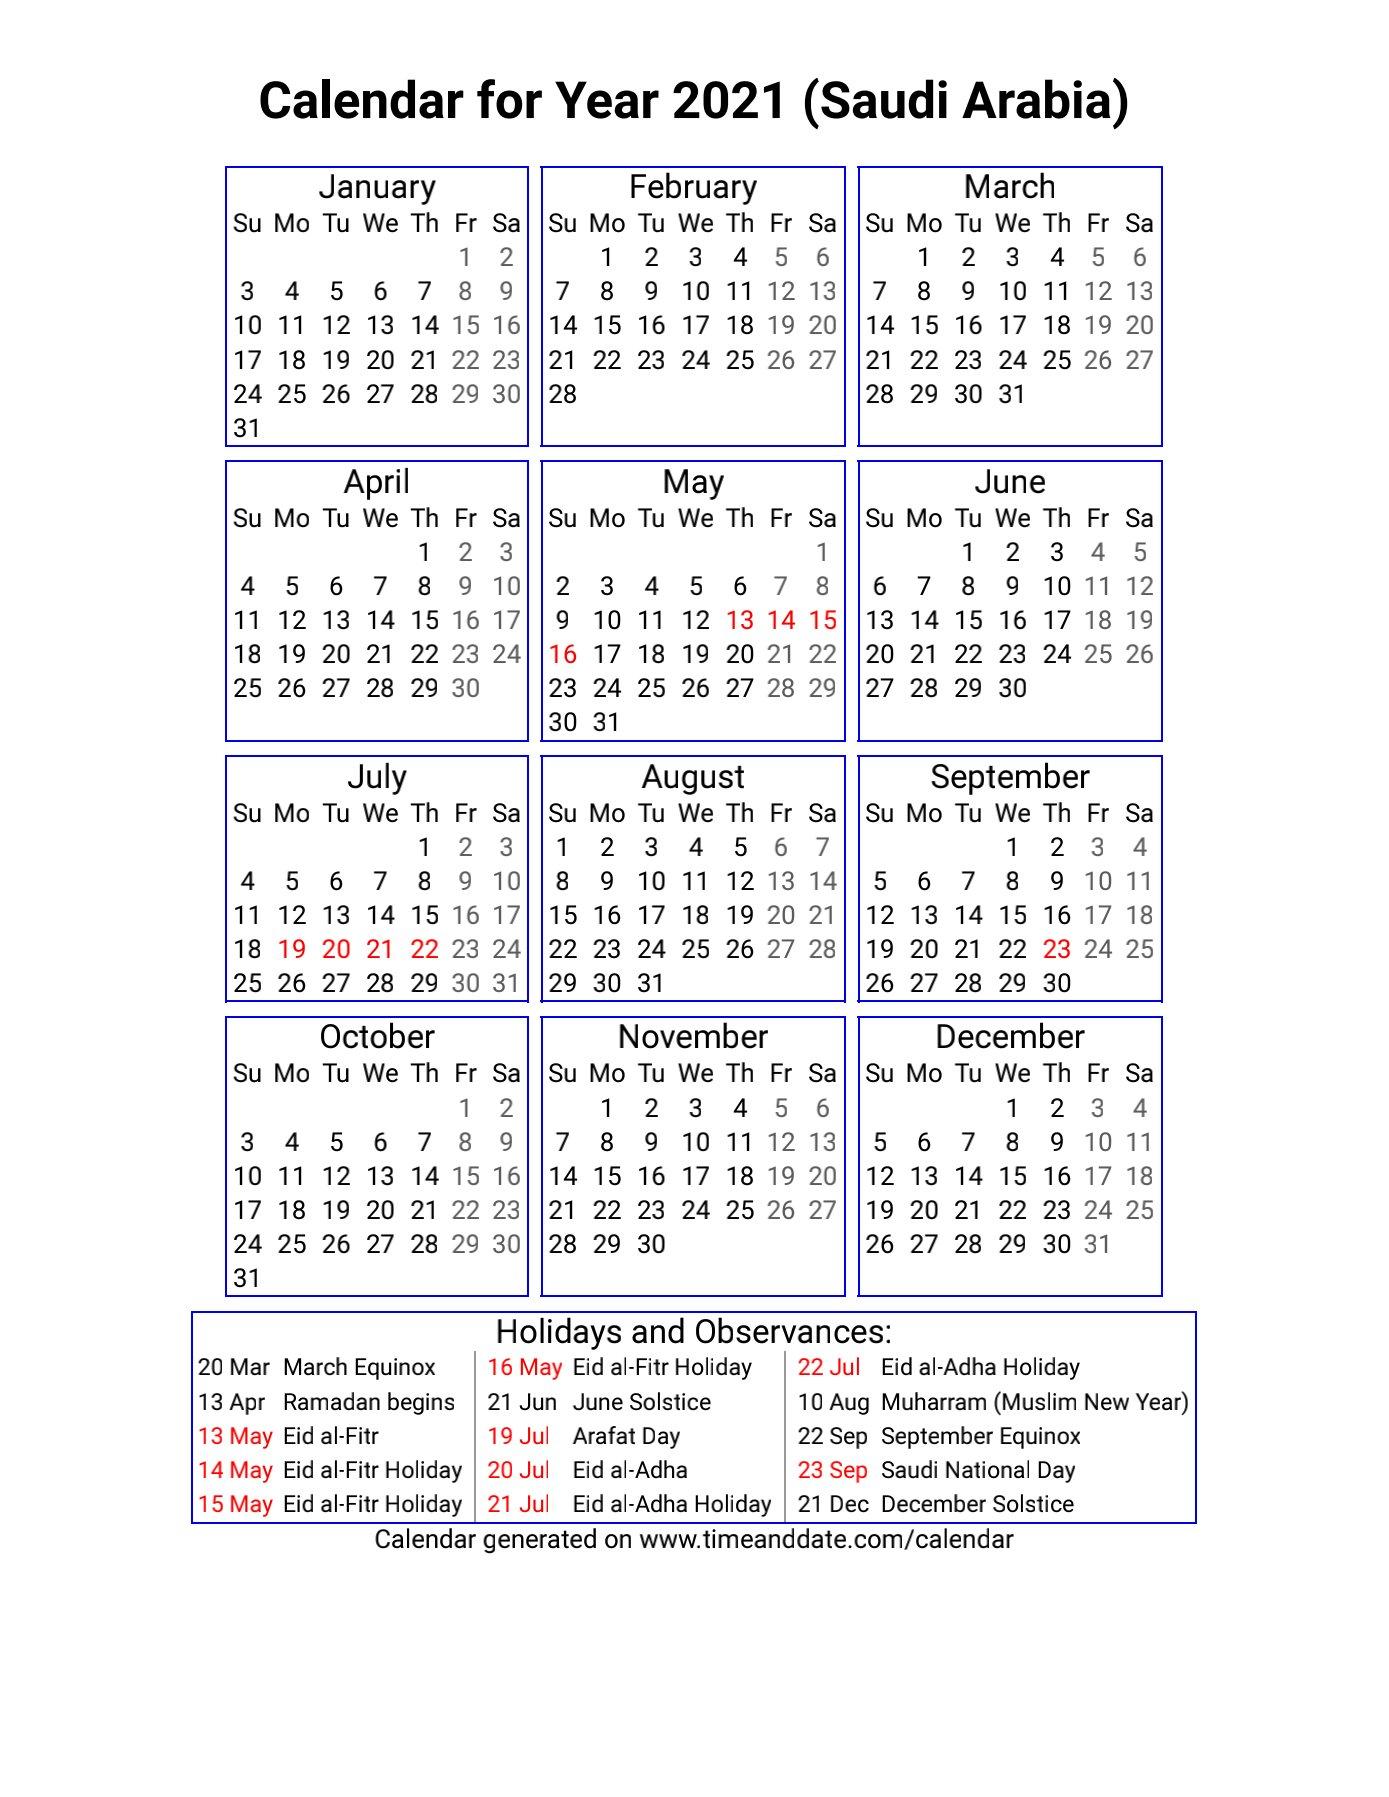 تقويم المناسبات السعودية 2021